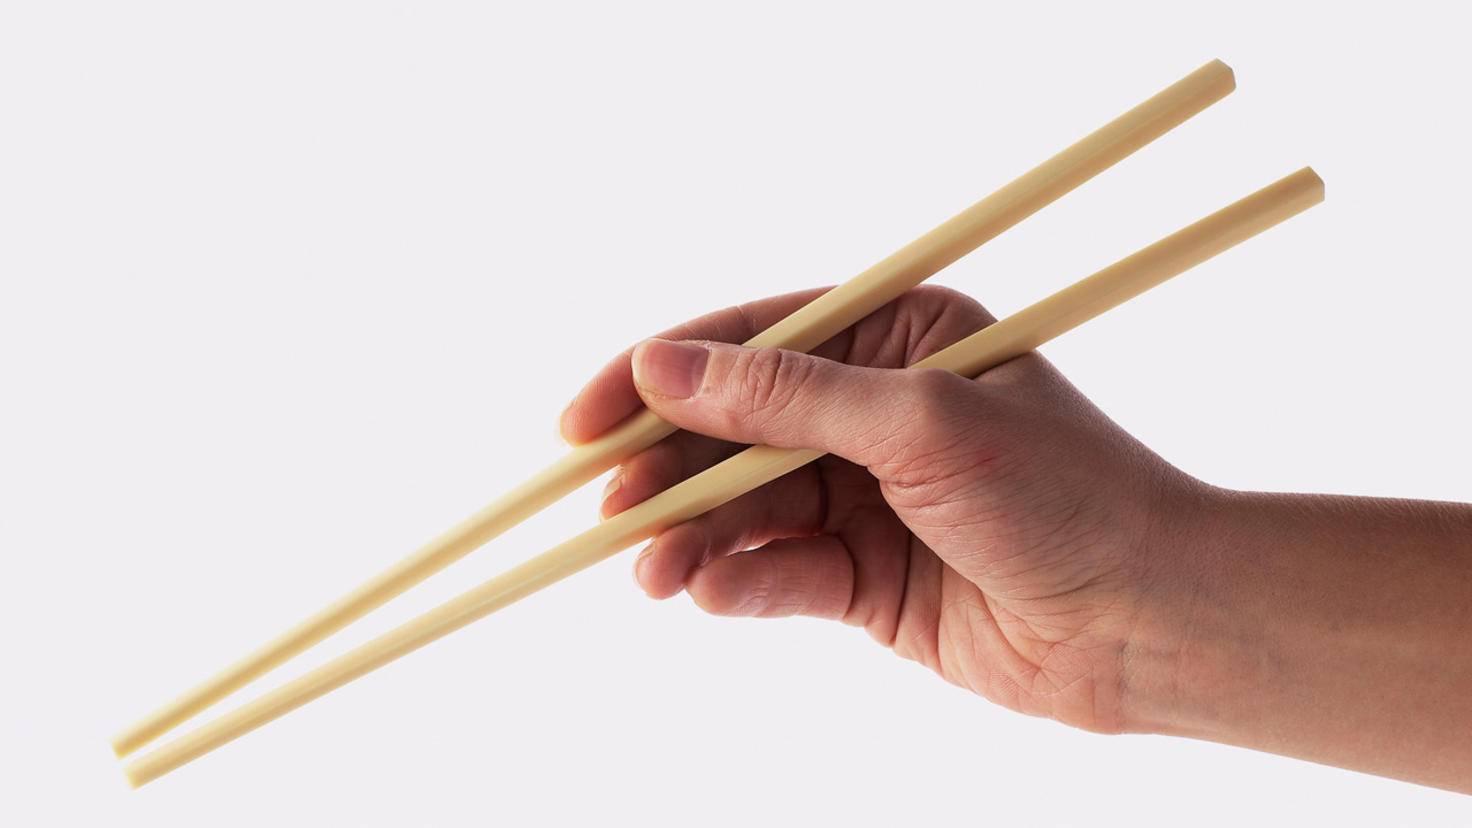 Die richtige Haltung sorgt beim Essen mit Stäbchen dafür, dass Du immer Kontrolle über Deine Nahrung hast.